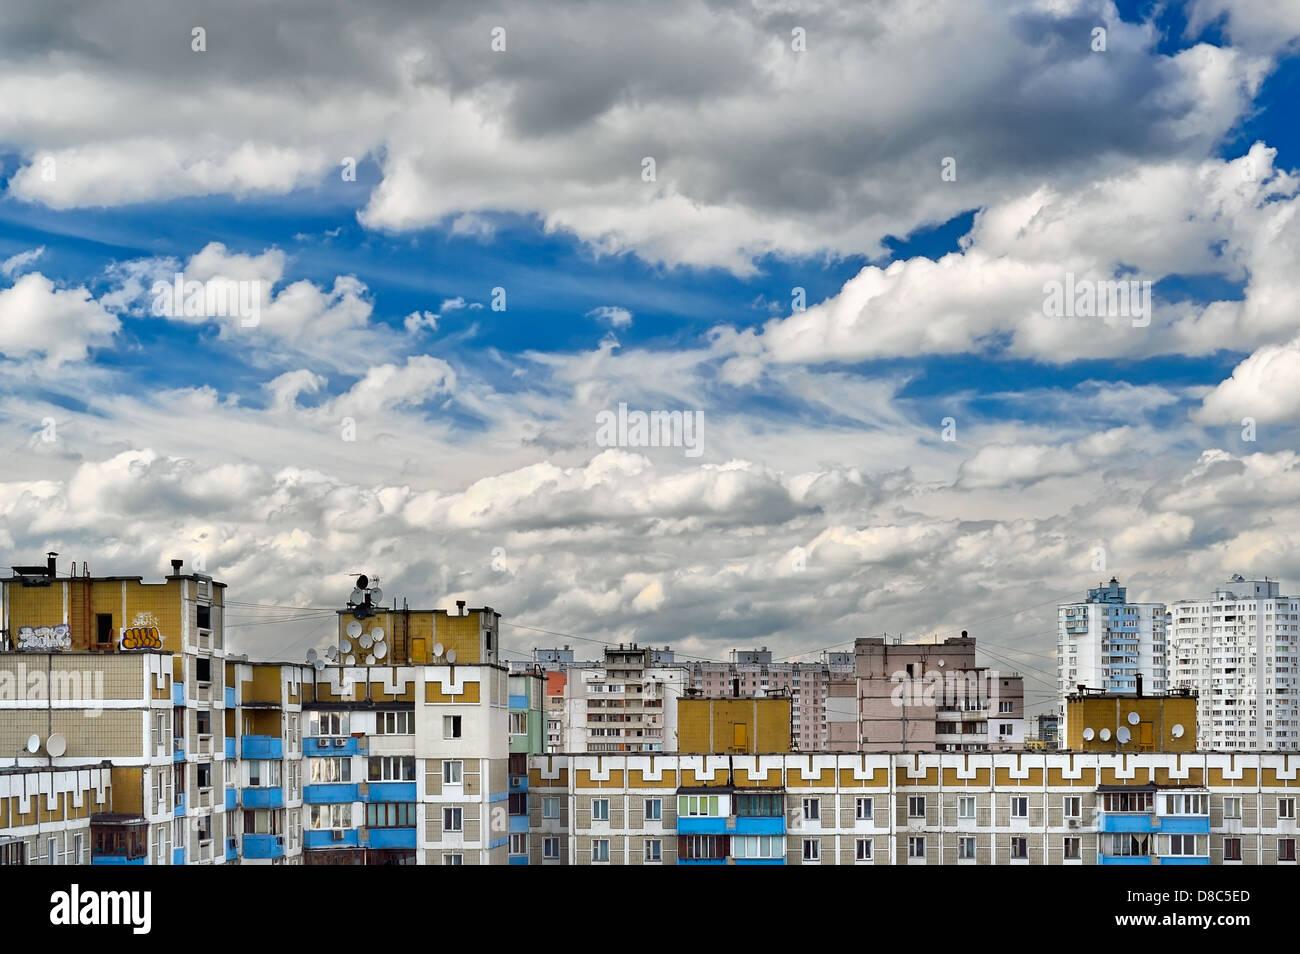 Dramatic cumulonimbus clouds on blue sky over cityscape. Kiev, Ukraine - Stock Image